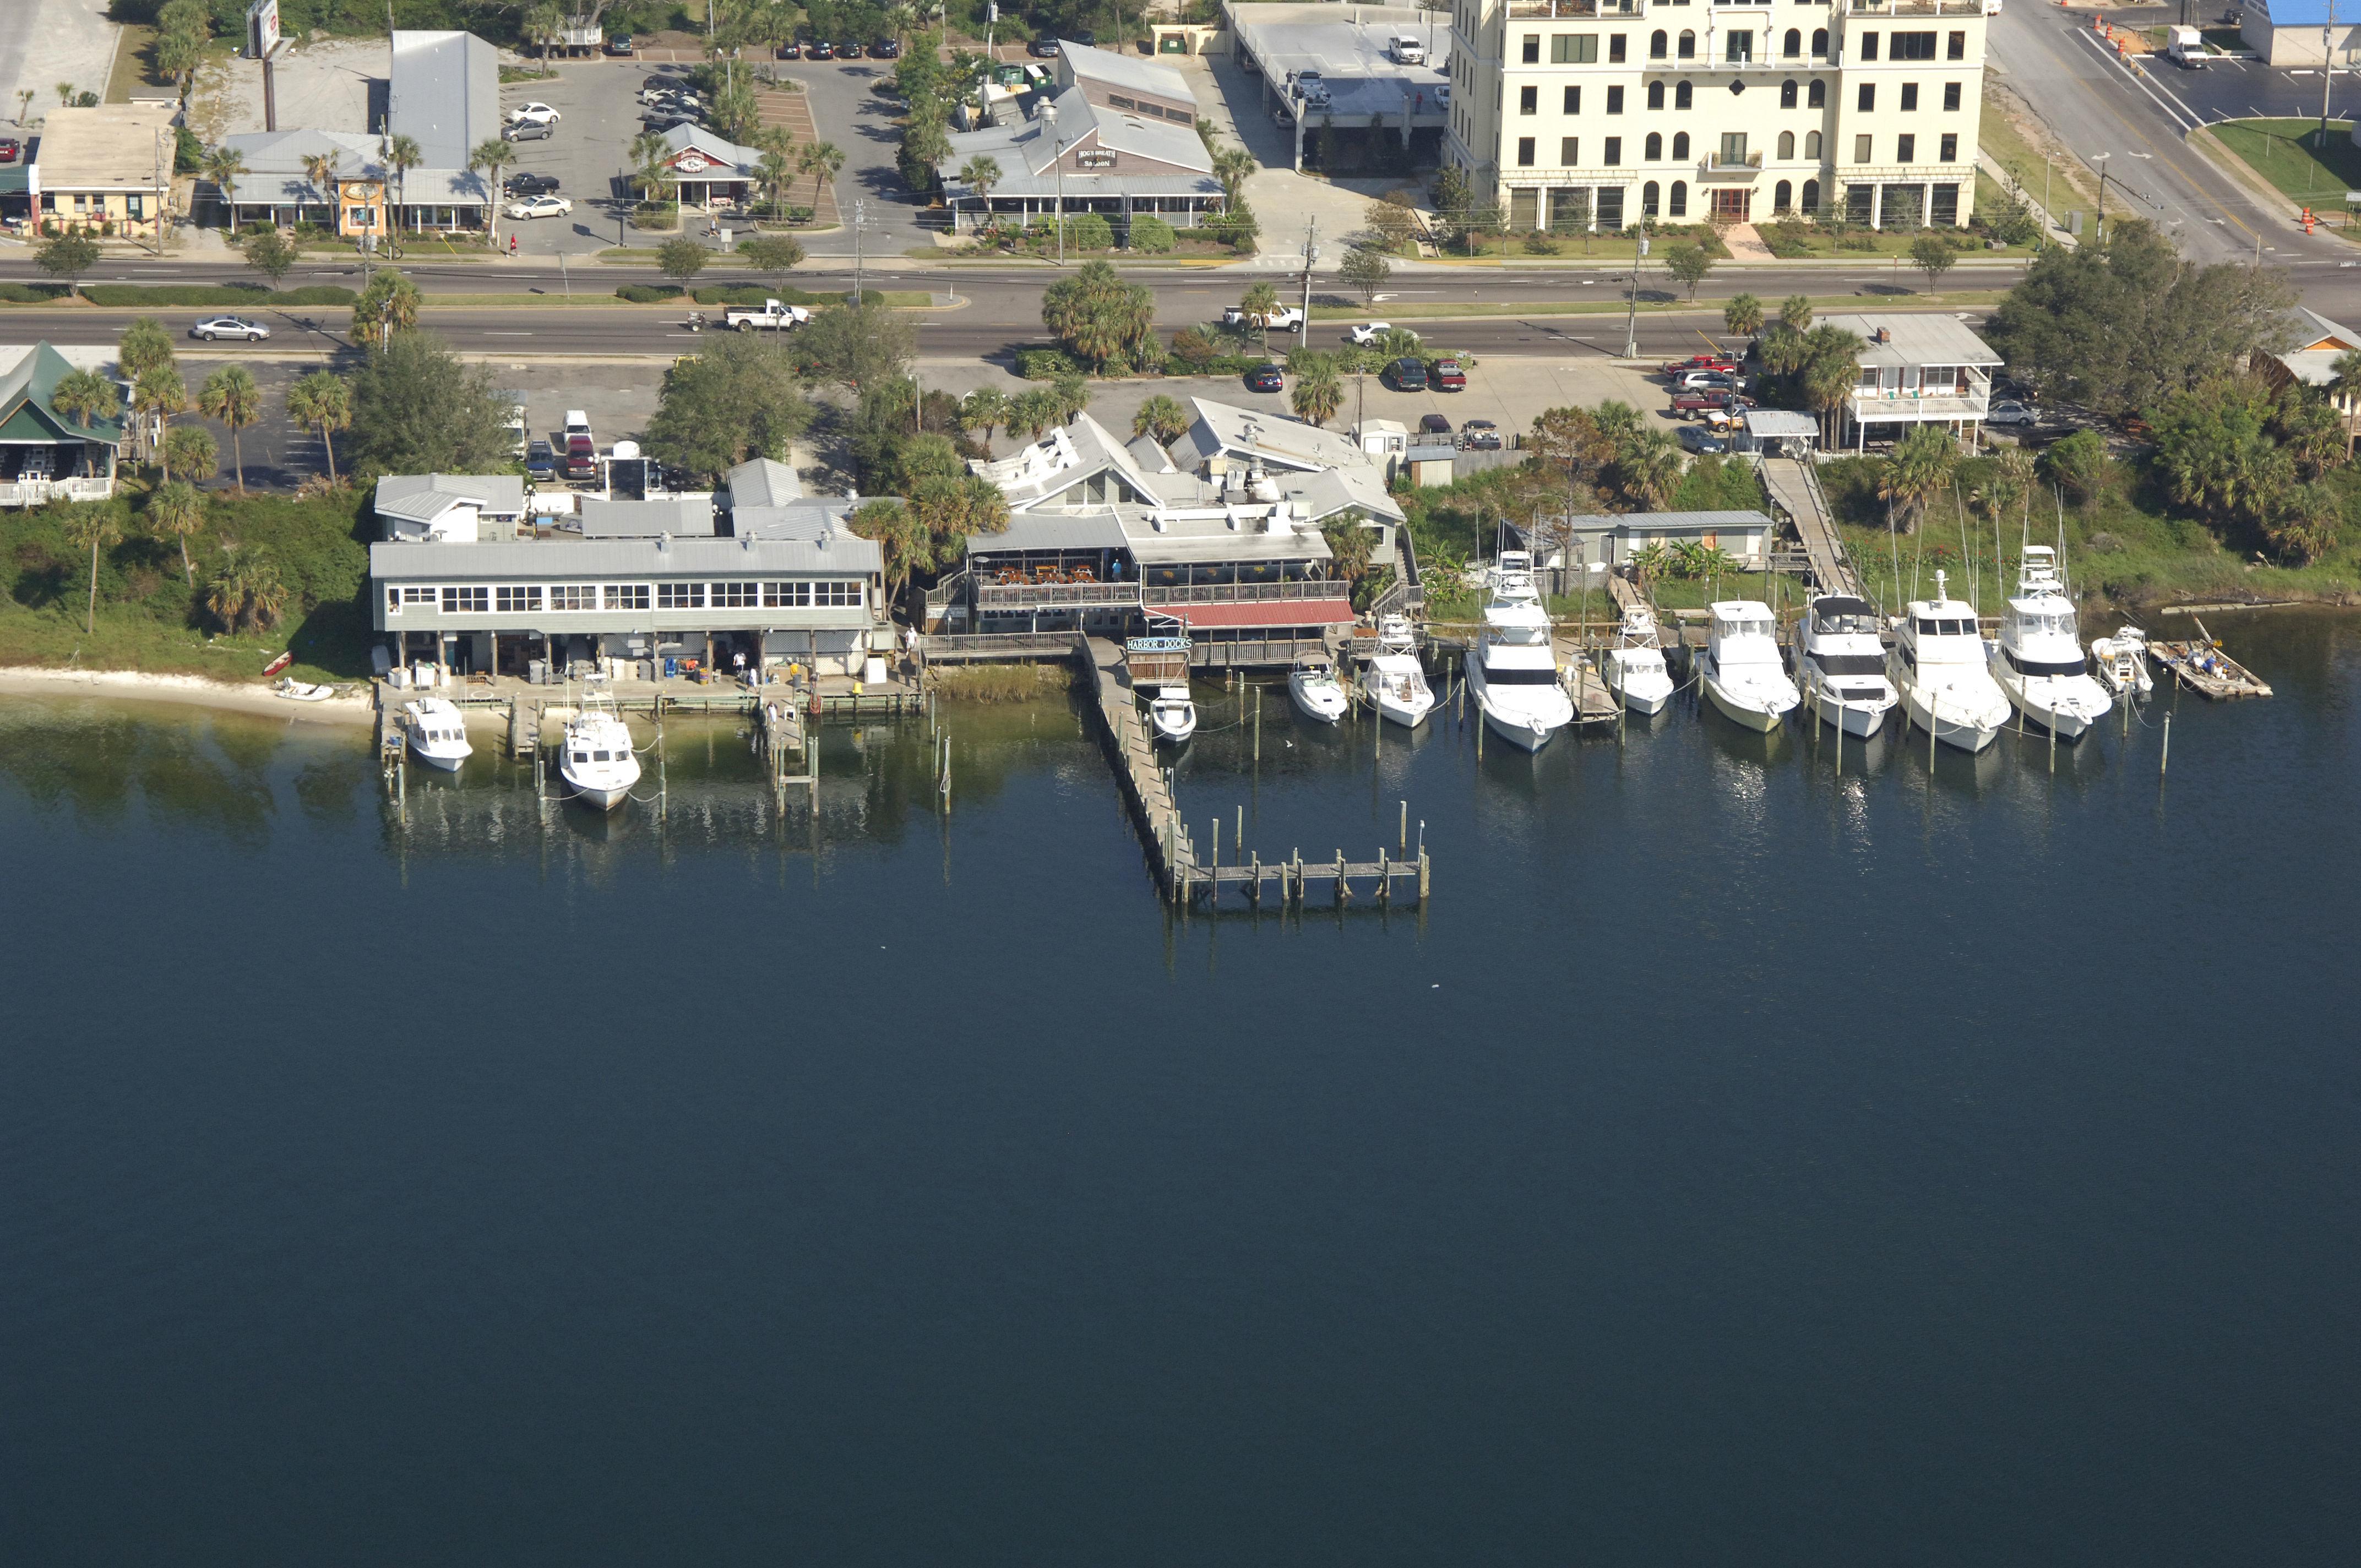 Harbor Docks Destin Fl Restaurants